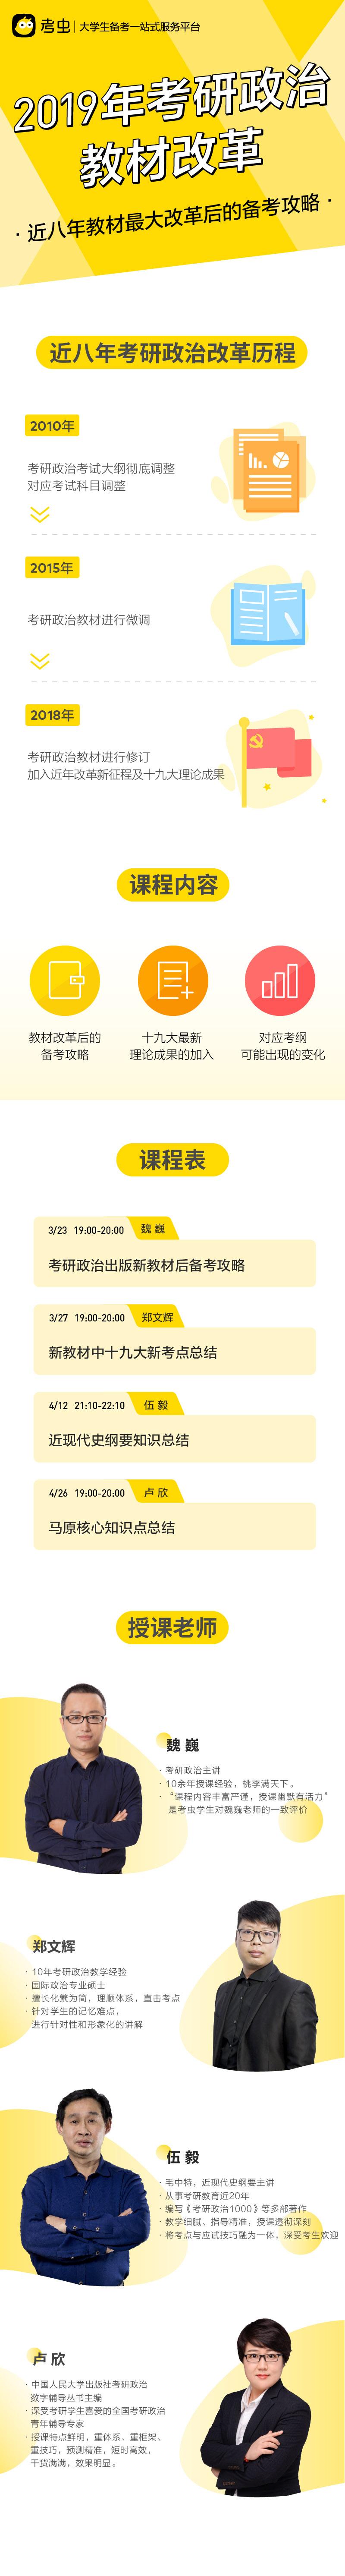 2018-3 考研政治教材改革-01.jpg